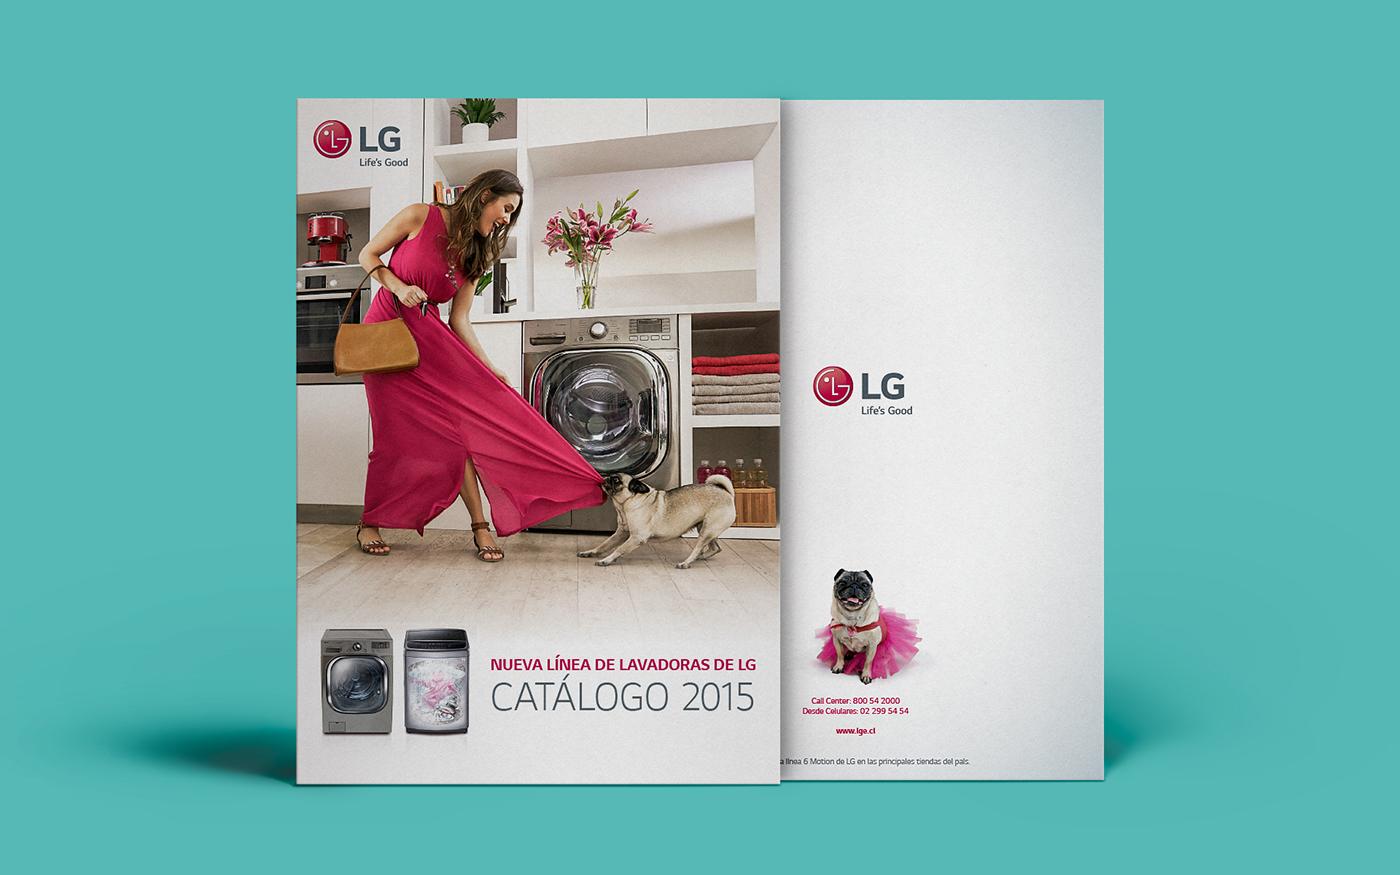 lg lavadora Washing machine Advertising  Spot carlino dog